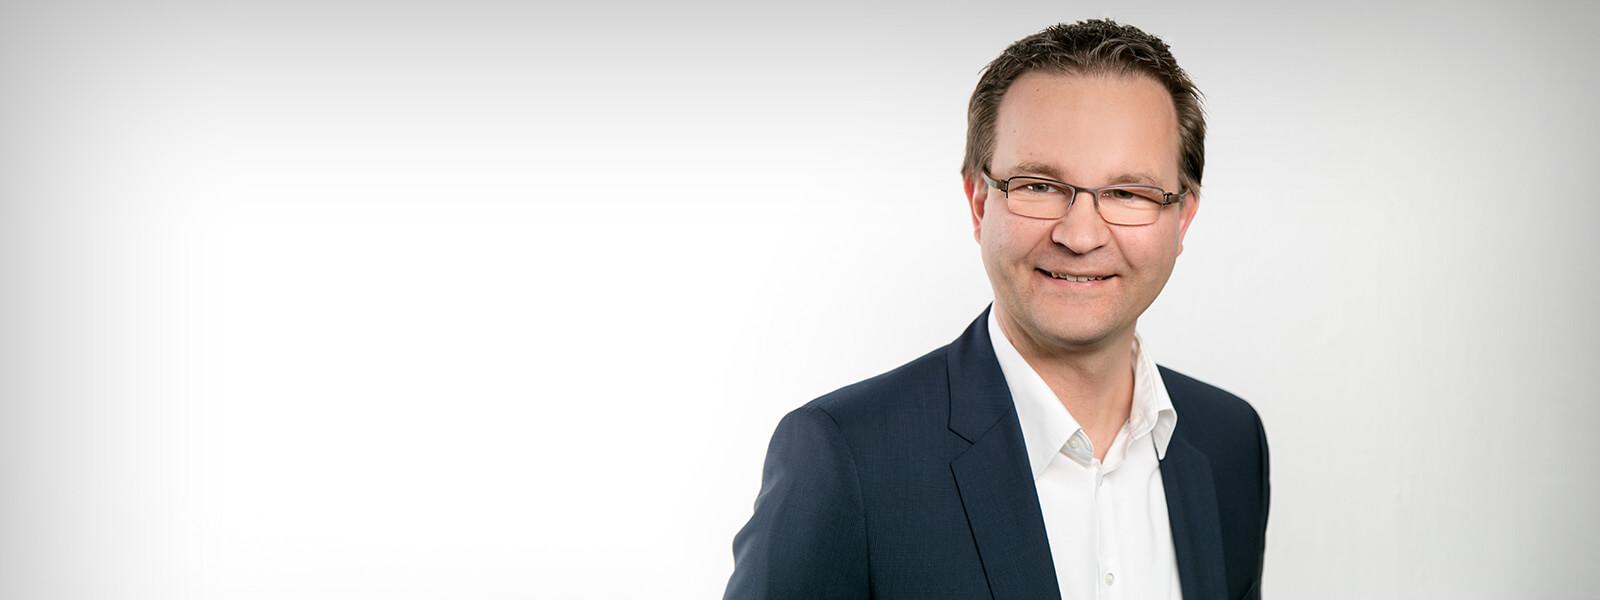 Steuerberater Markus Schmetz im Interview zu den neuen Krankenkassenbeitrags-Regelungen für freiwillig gesetzlich Versicherte